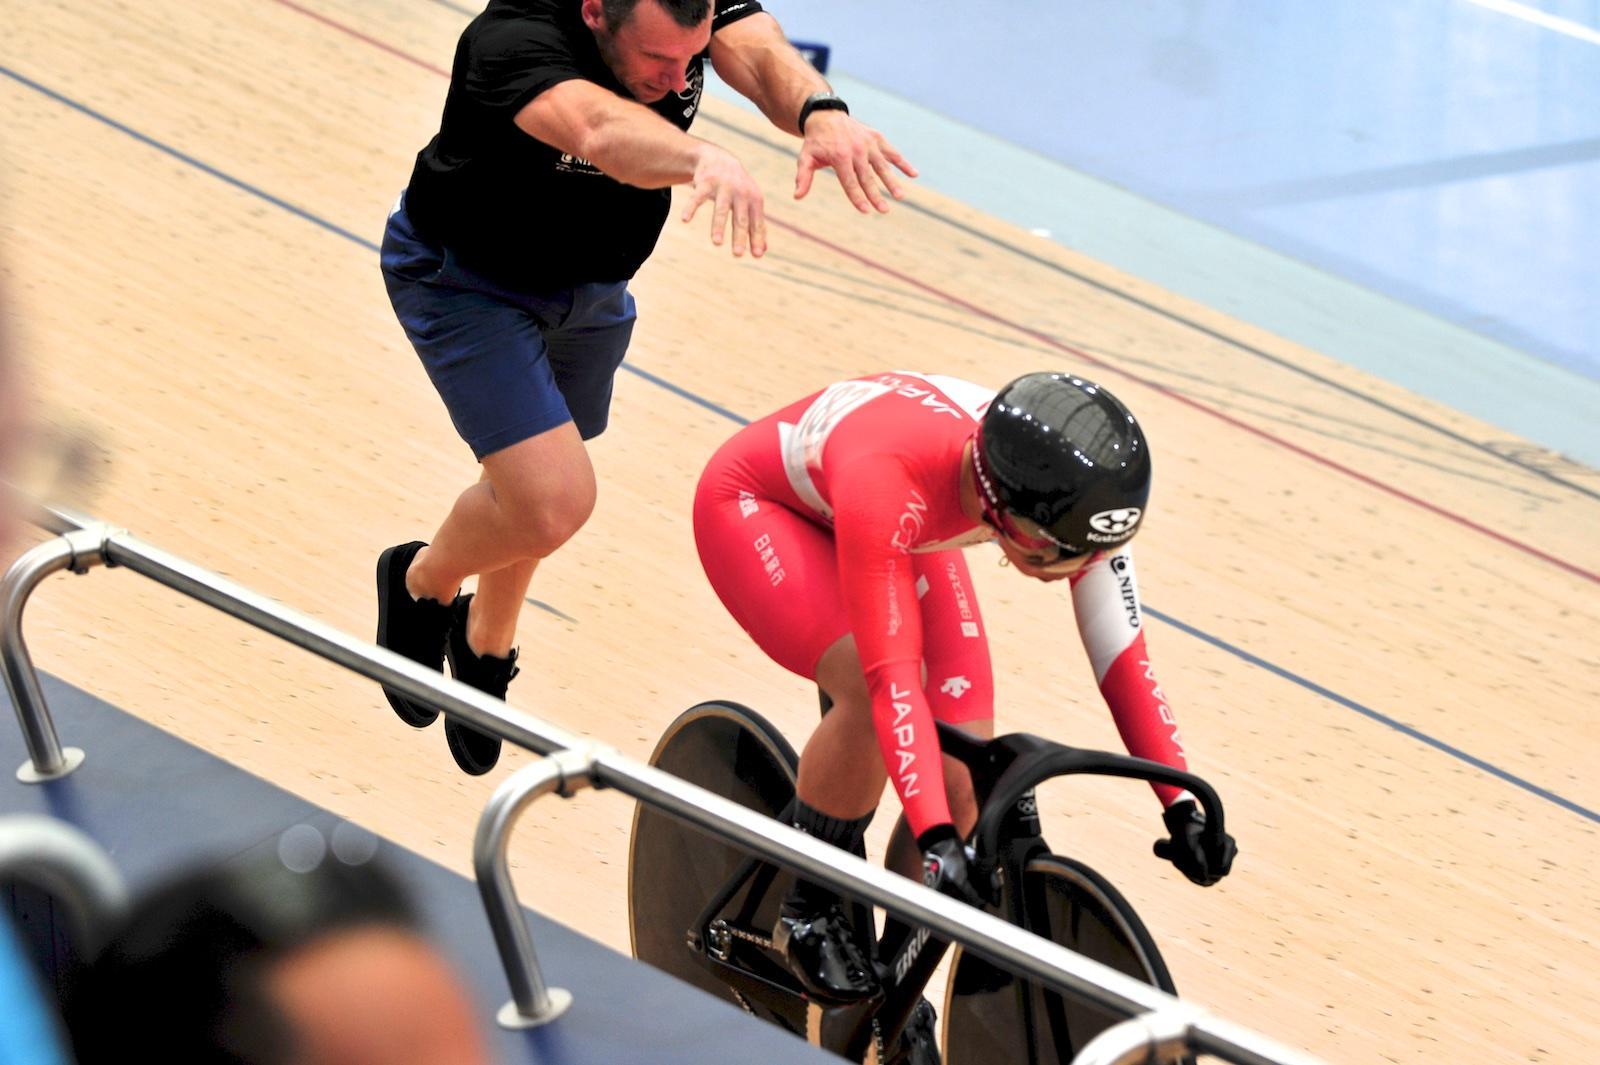 女子スプリント/太田は予選で200mFTTタイム更新、本戦は17位【UCIトラック'19-20W杯第5戦 オーストラリア】